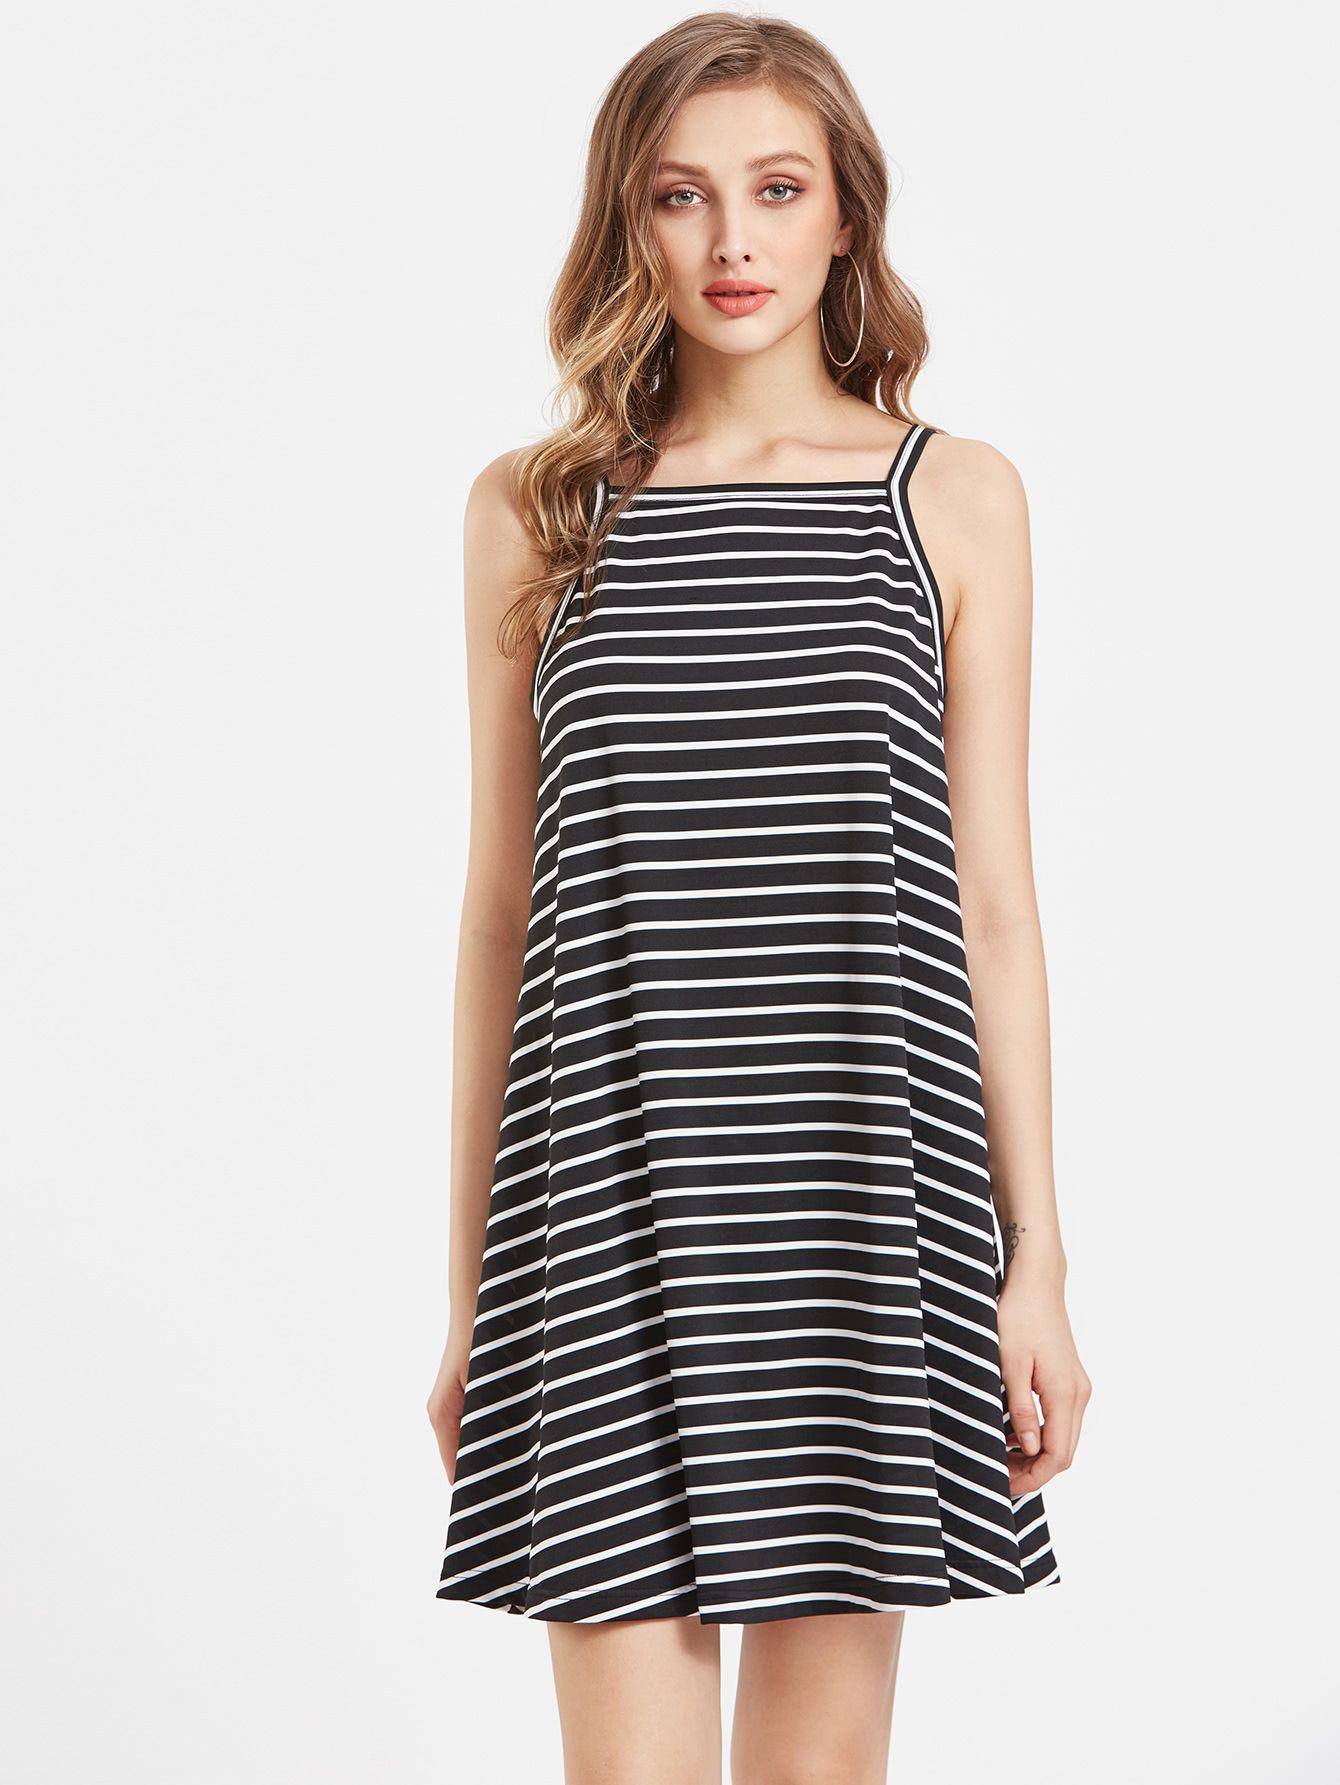 Haz Clic Para Ver Los Detalles Envíos Gratis A Toda España Striped Swing Cami Dress Black And White Casual Y Polyester Spaghetti Strap